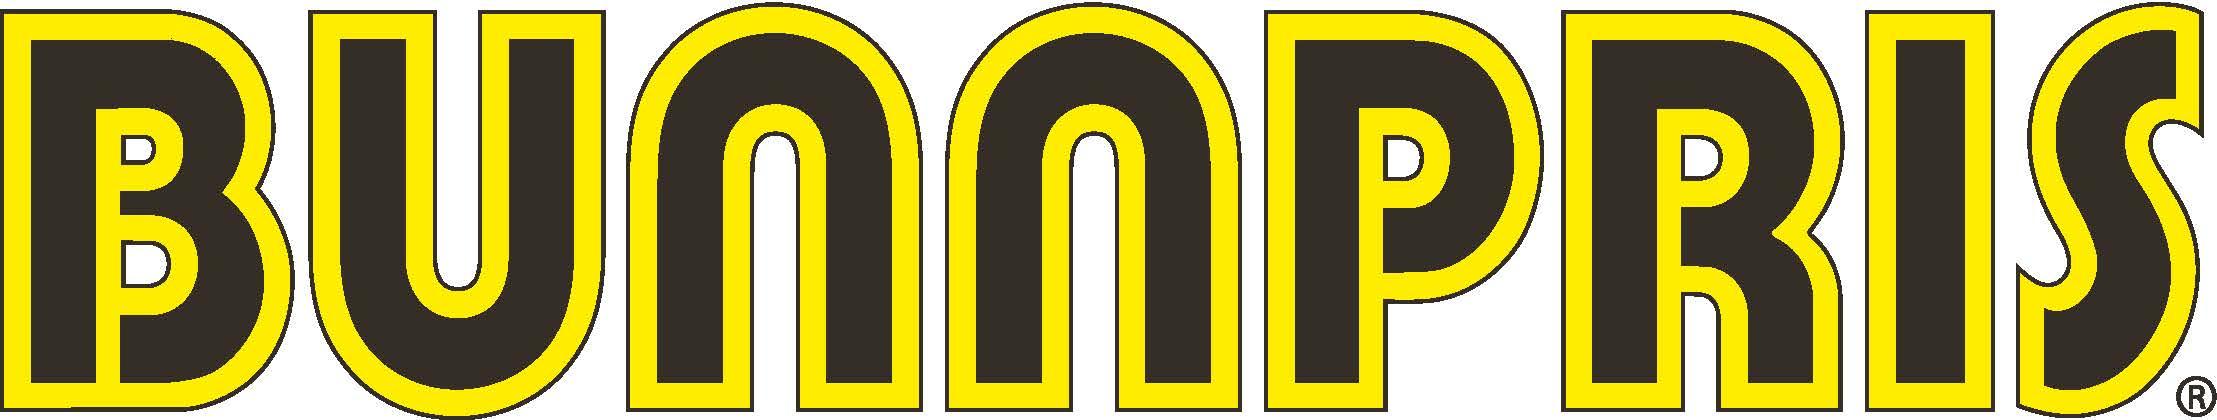 Logo Bunnpris